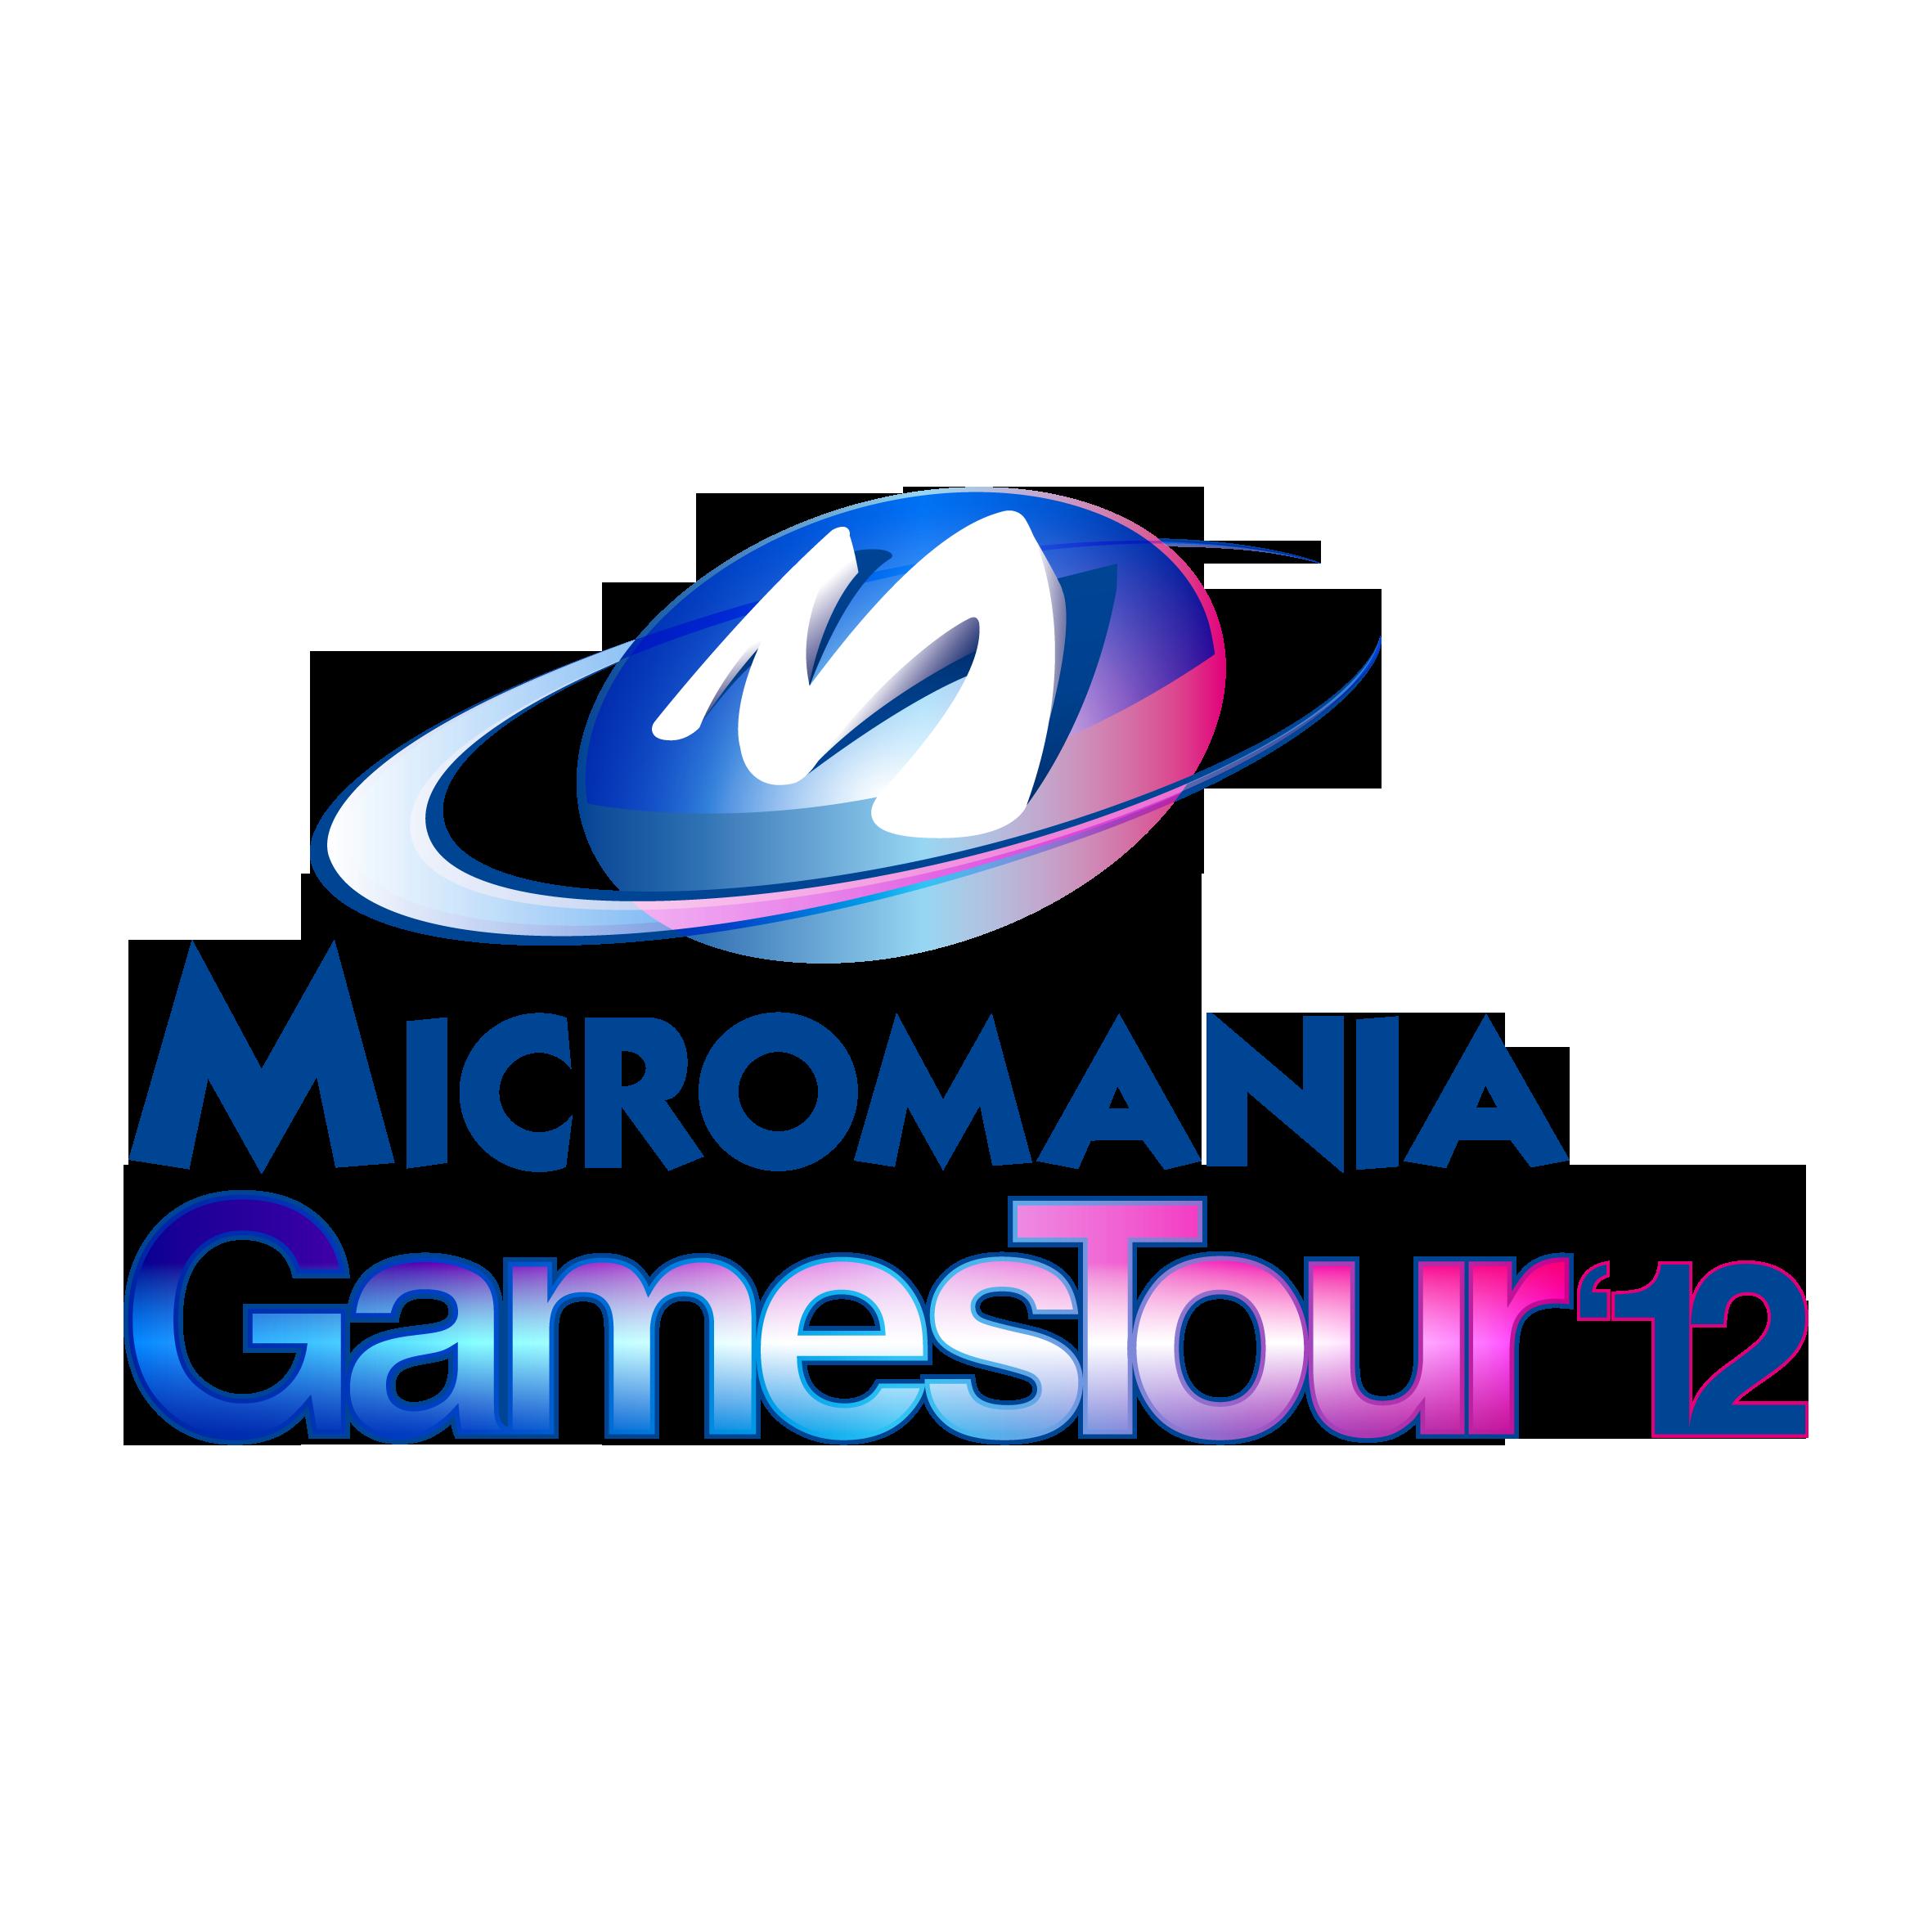 [TOURNEE] C'est parti pour le Micromania Games Tour 2012